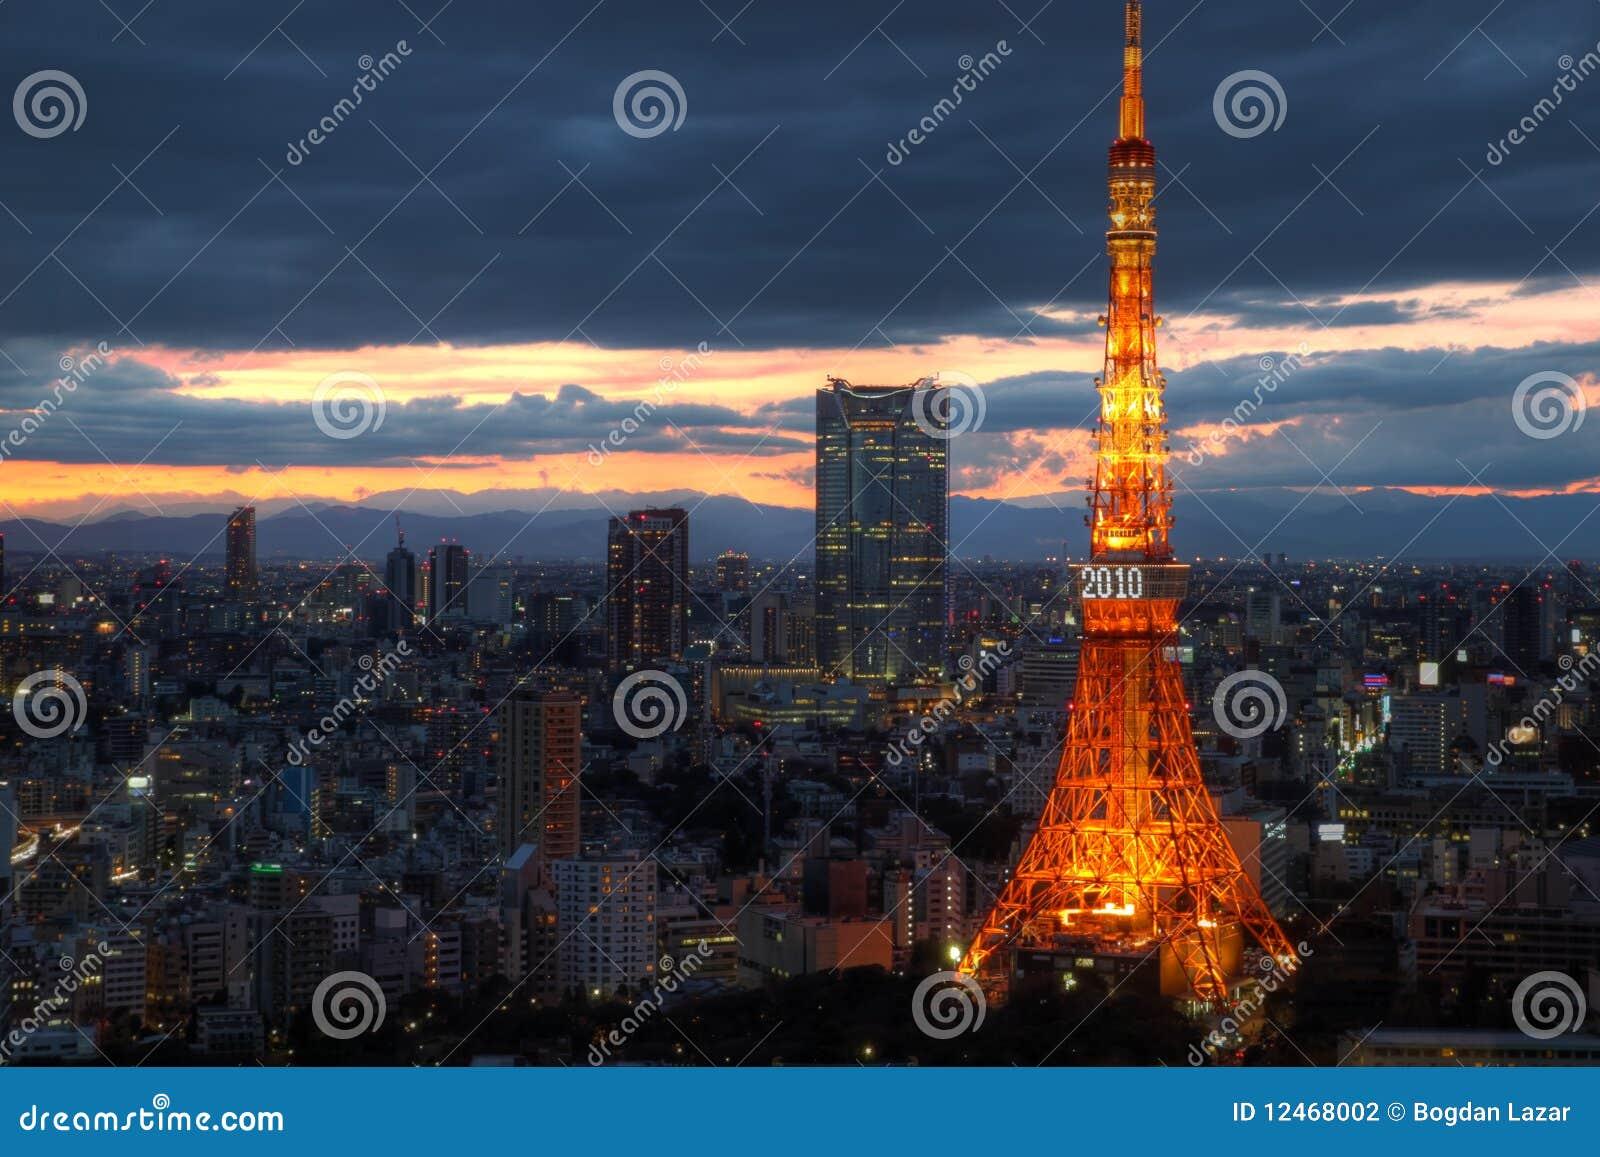 Skyline de Tokyo com torre de Tokyo, 2010, Japão